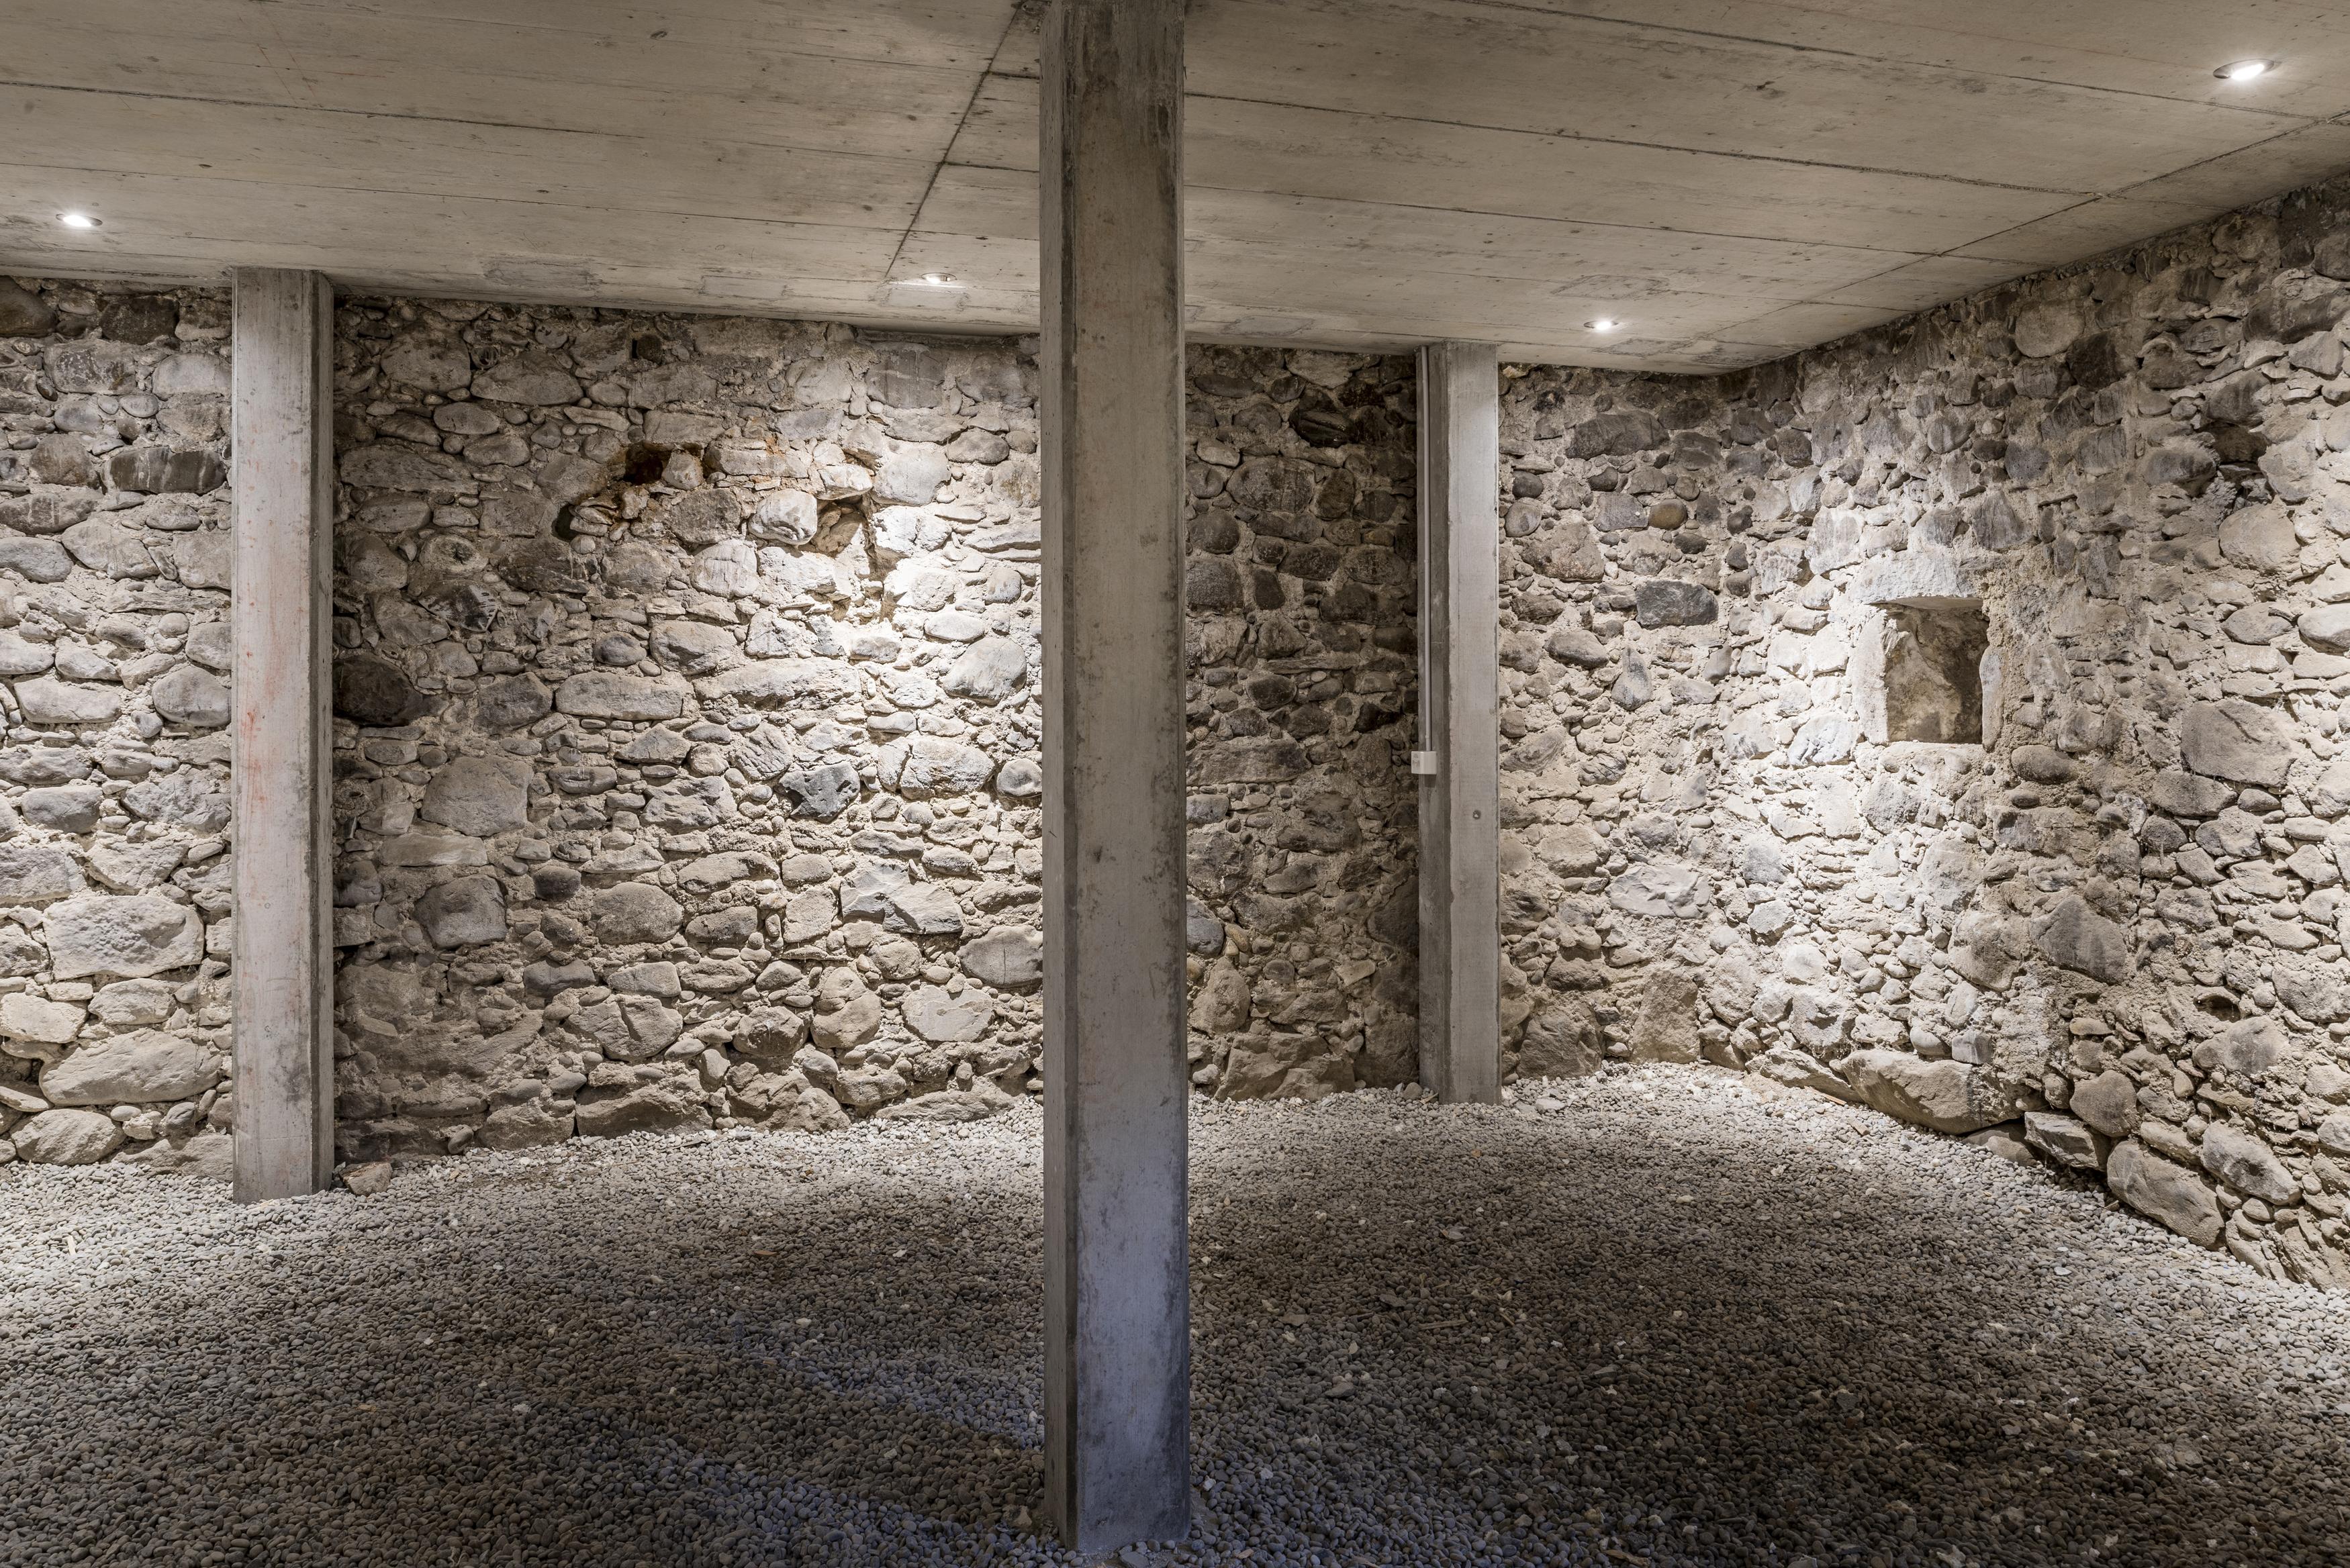 Umbau Bauernhaus Rudolfingen   Burega Architekten, Rorbas